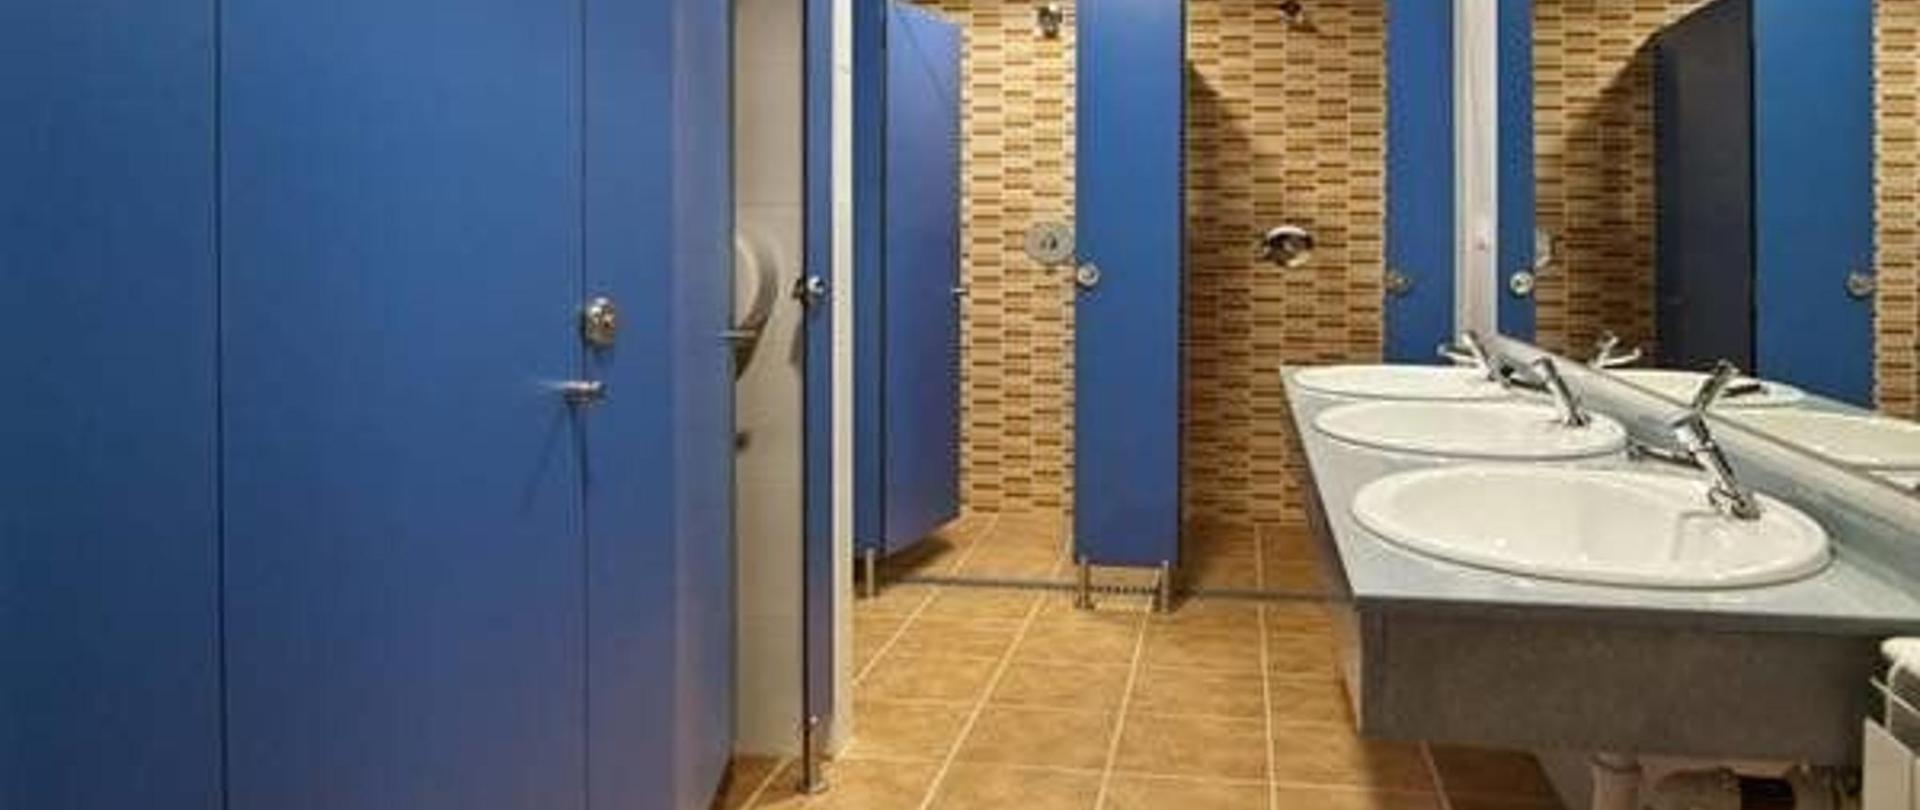 Baños comunes.jpg